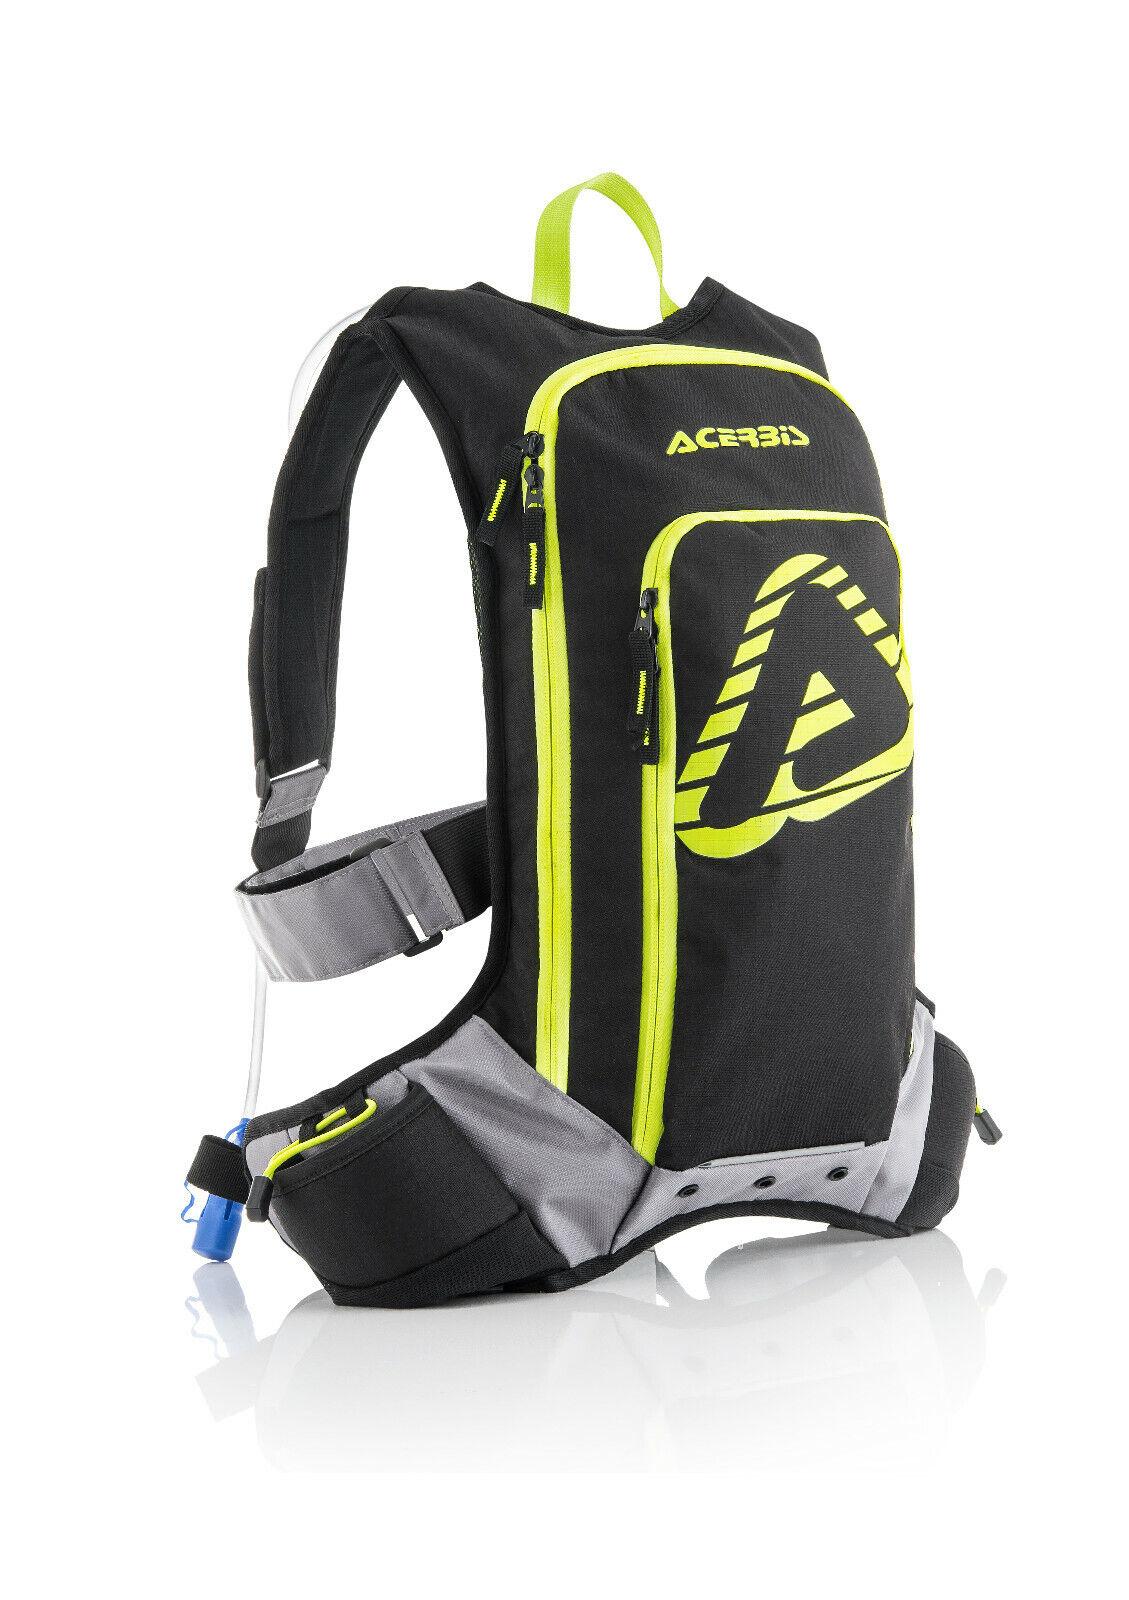 Zaino Camelbak Moto Cross drink bag X-Storm  ACERBIS ACQUA giallo fluo Enduro